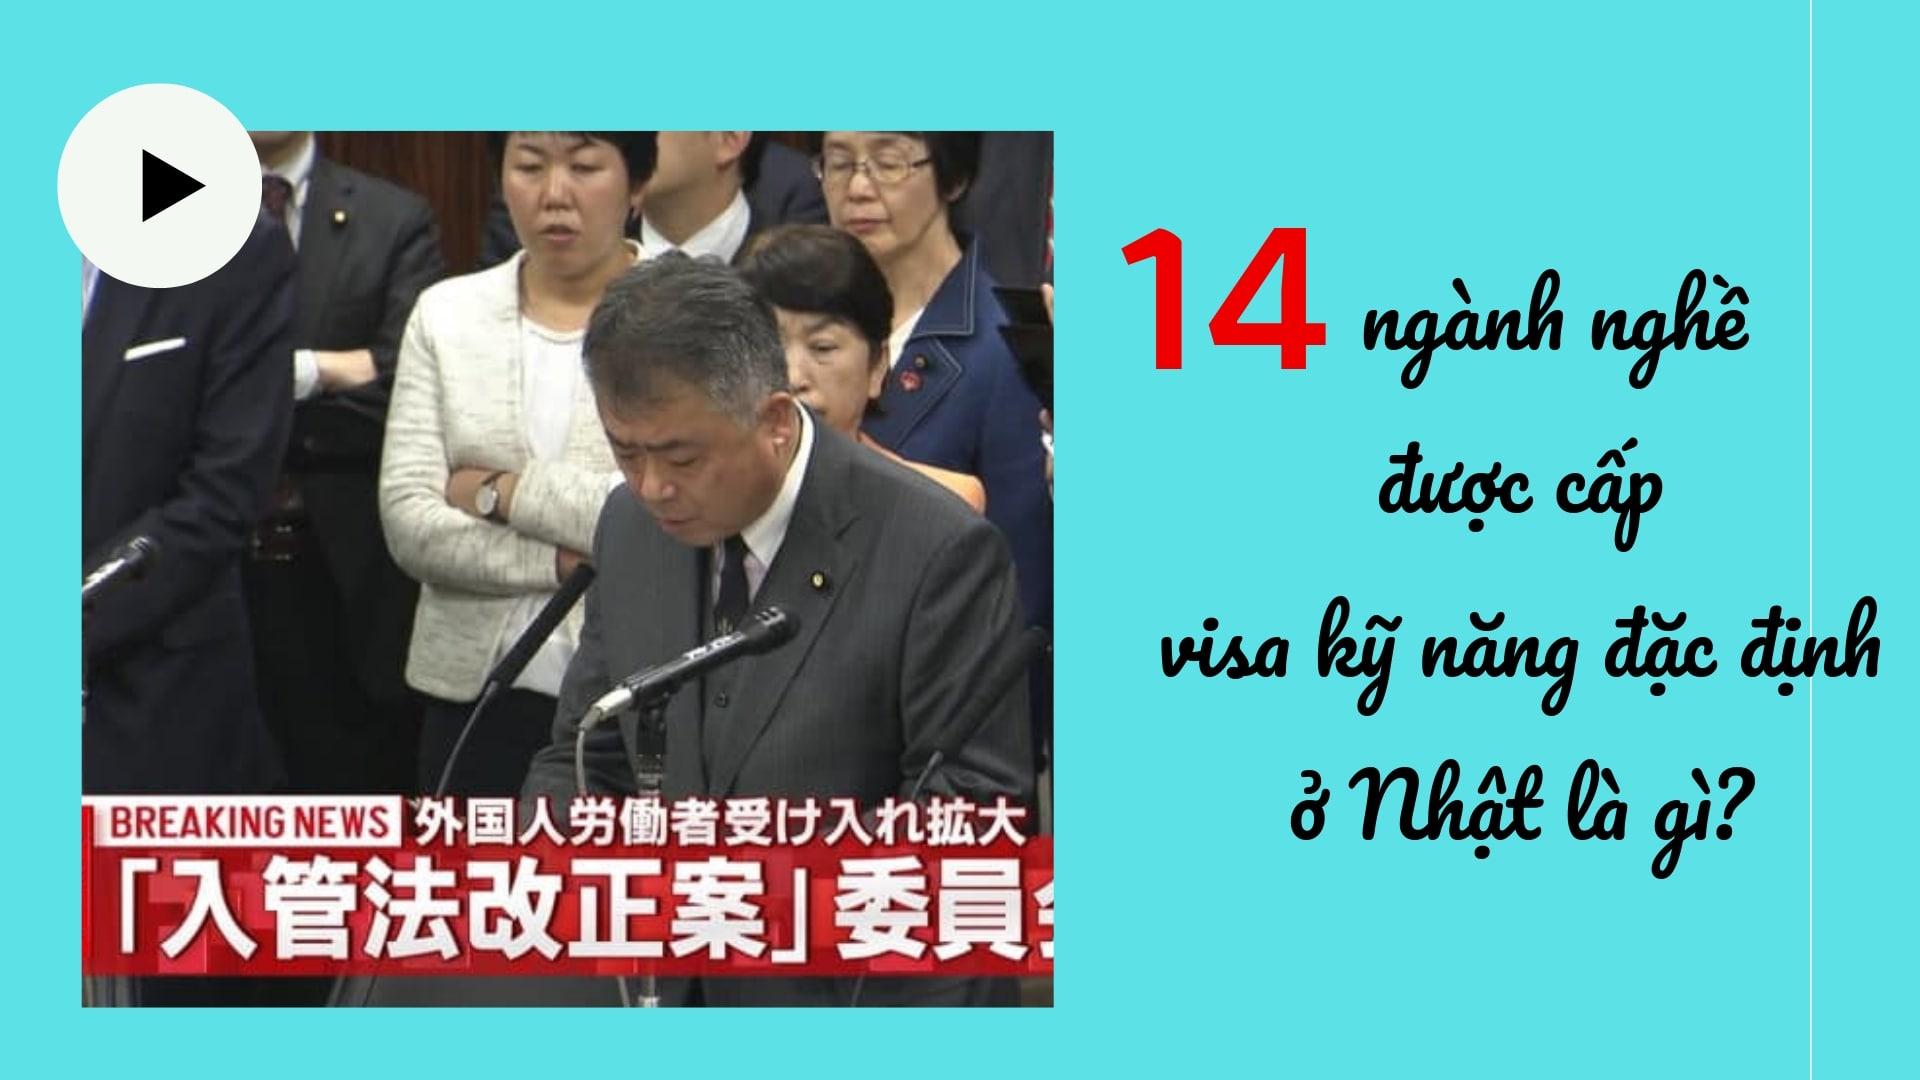 Chi phí tham gia chương trình visa đặc định Nhật Bản là bao nhiêu?